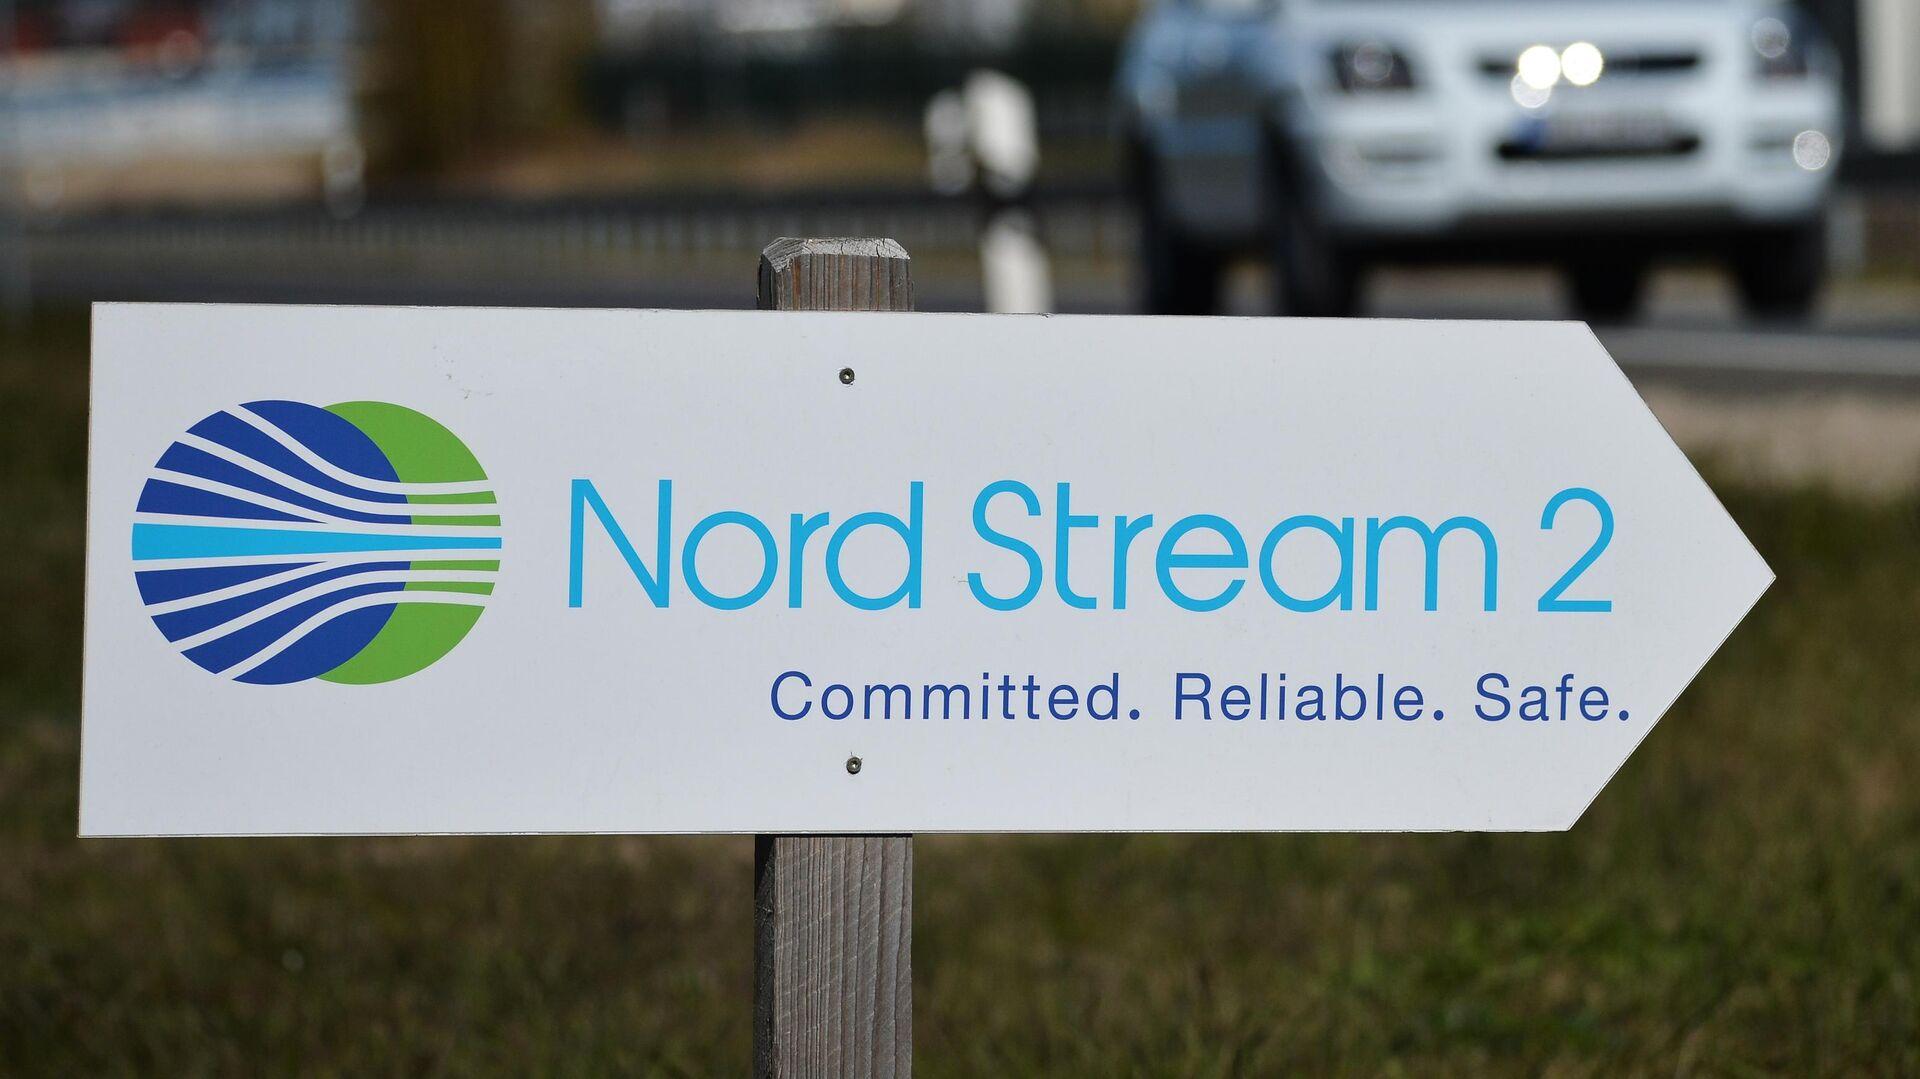 Указатель с символикой компании Nord Stream 2 AG, ведущей строительство газопровода Северный поток-2 в Германии - РИА Новости, 1920, 17.10.2020